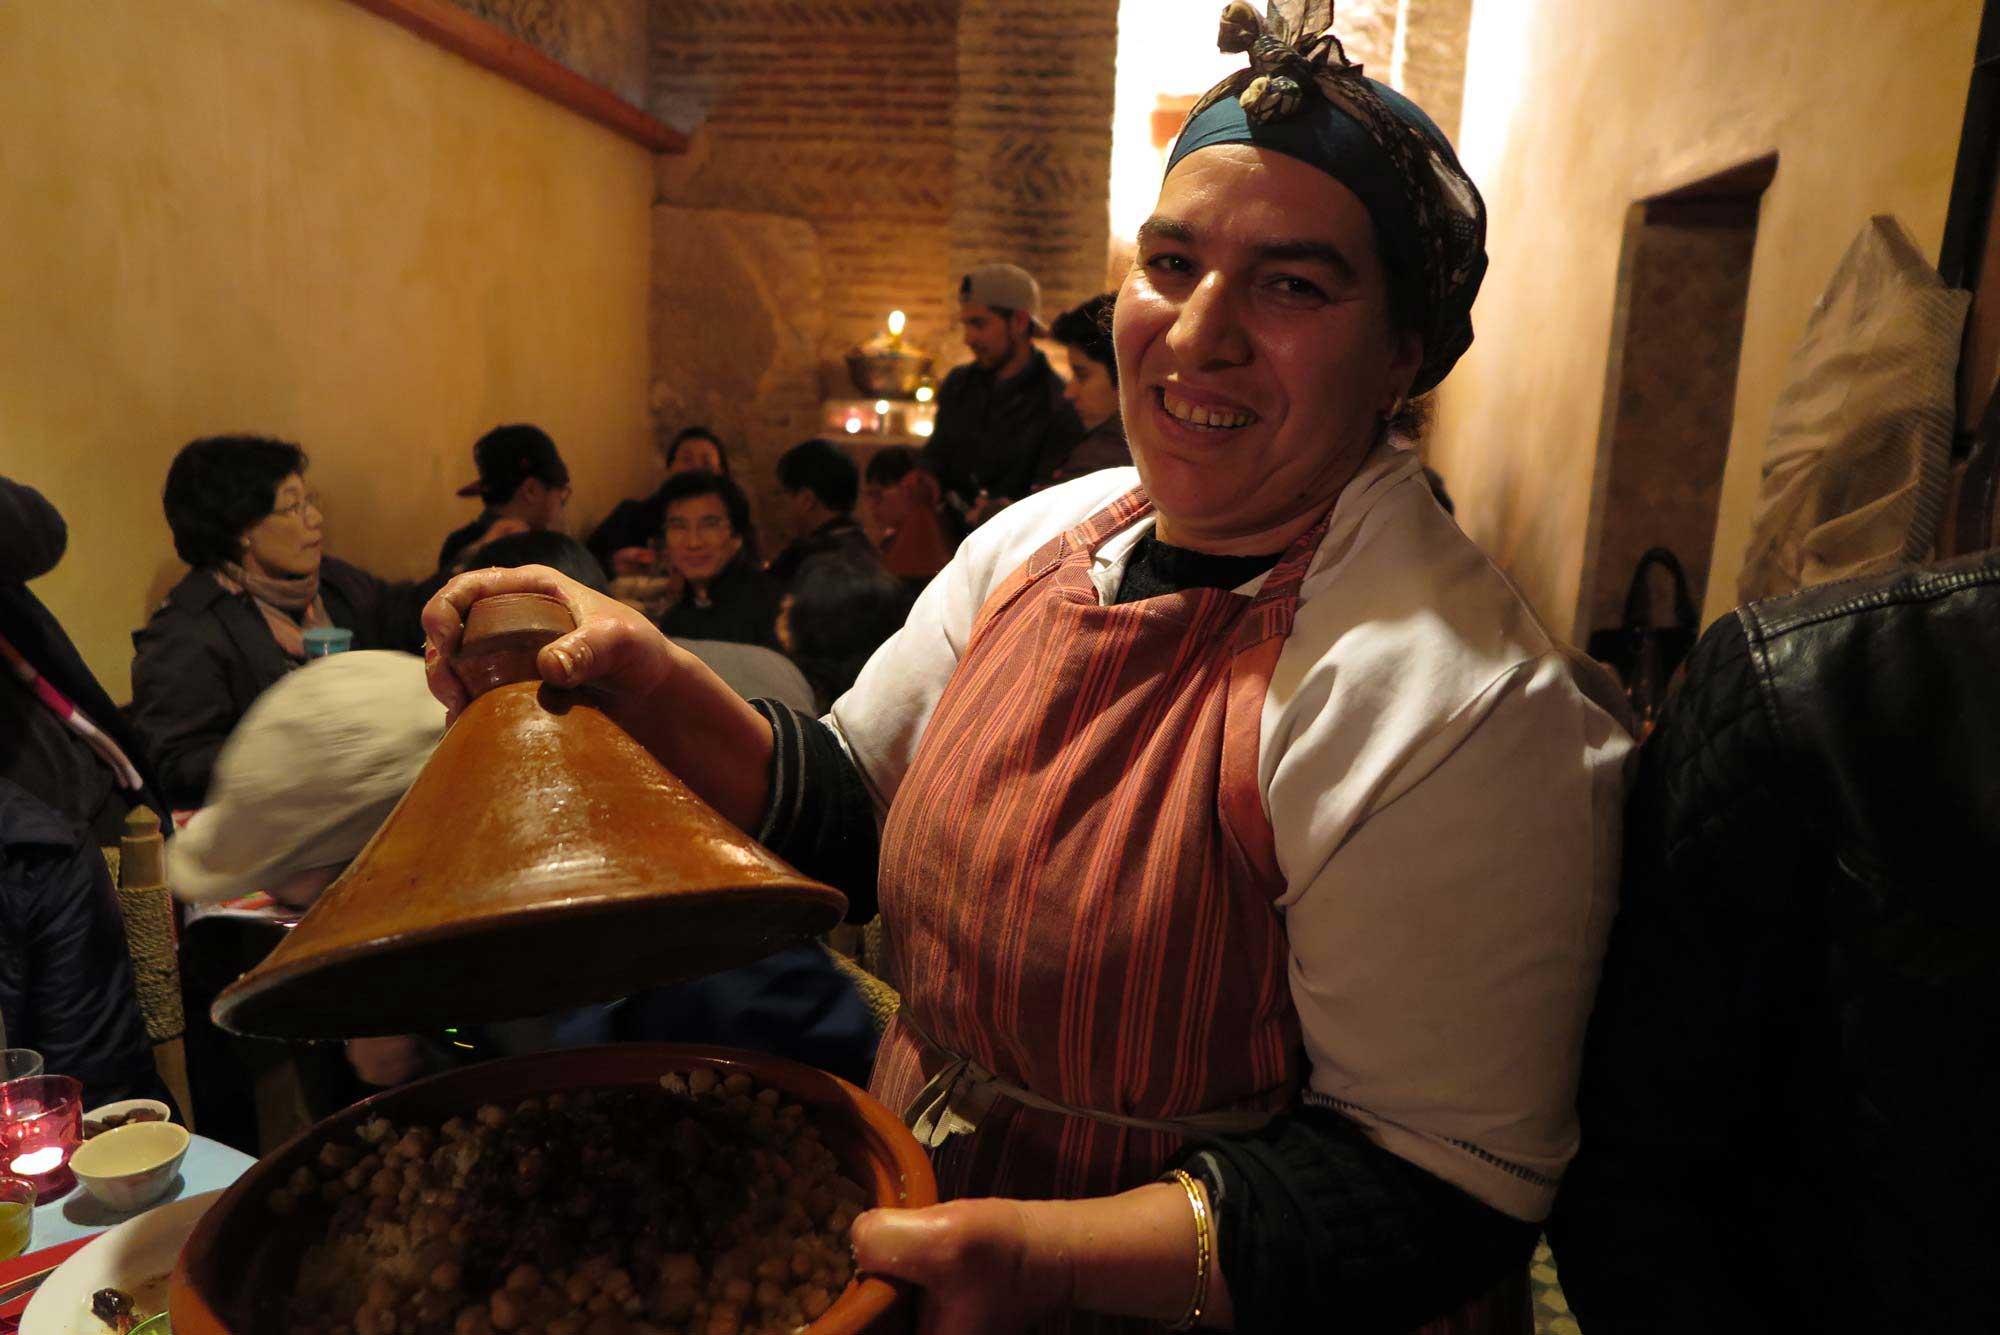 페즈 전통 음식점 루인드 가든의 조리장. 그녀의 푸근한 미소는 모로코 전통 조리기구에 담긴 양고기 타진의 맛을 배가시킨다.